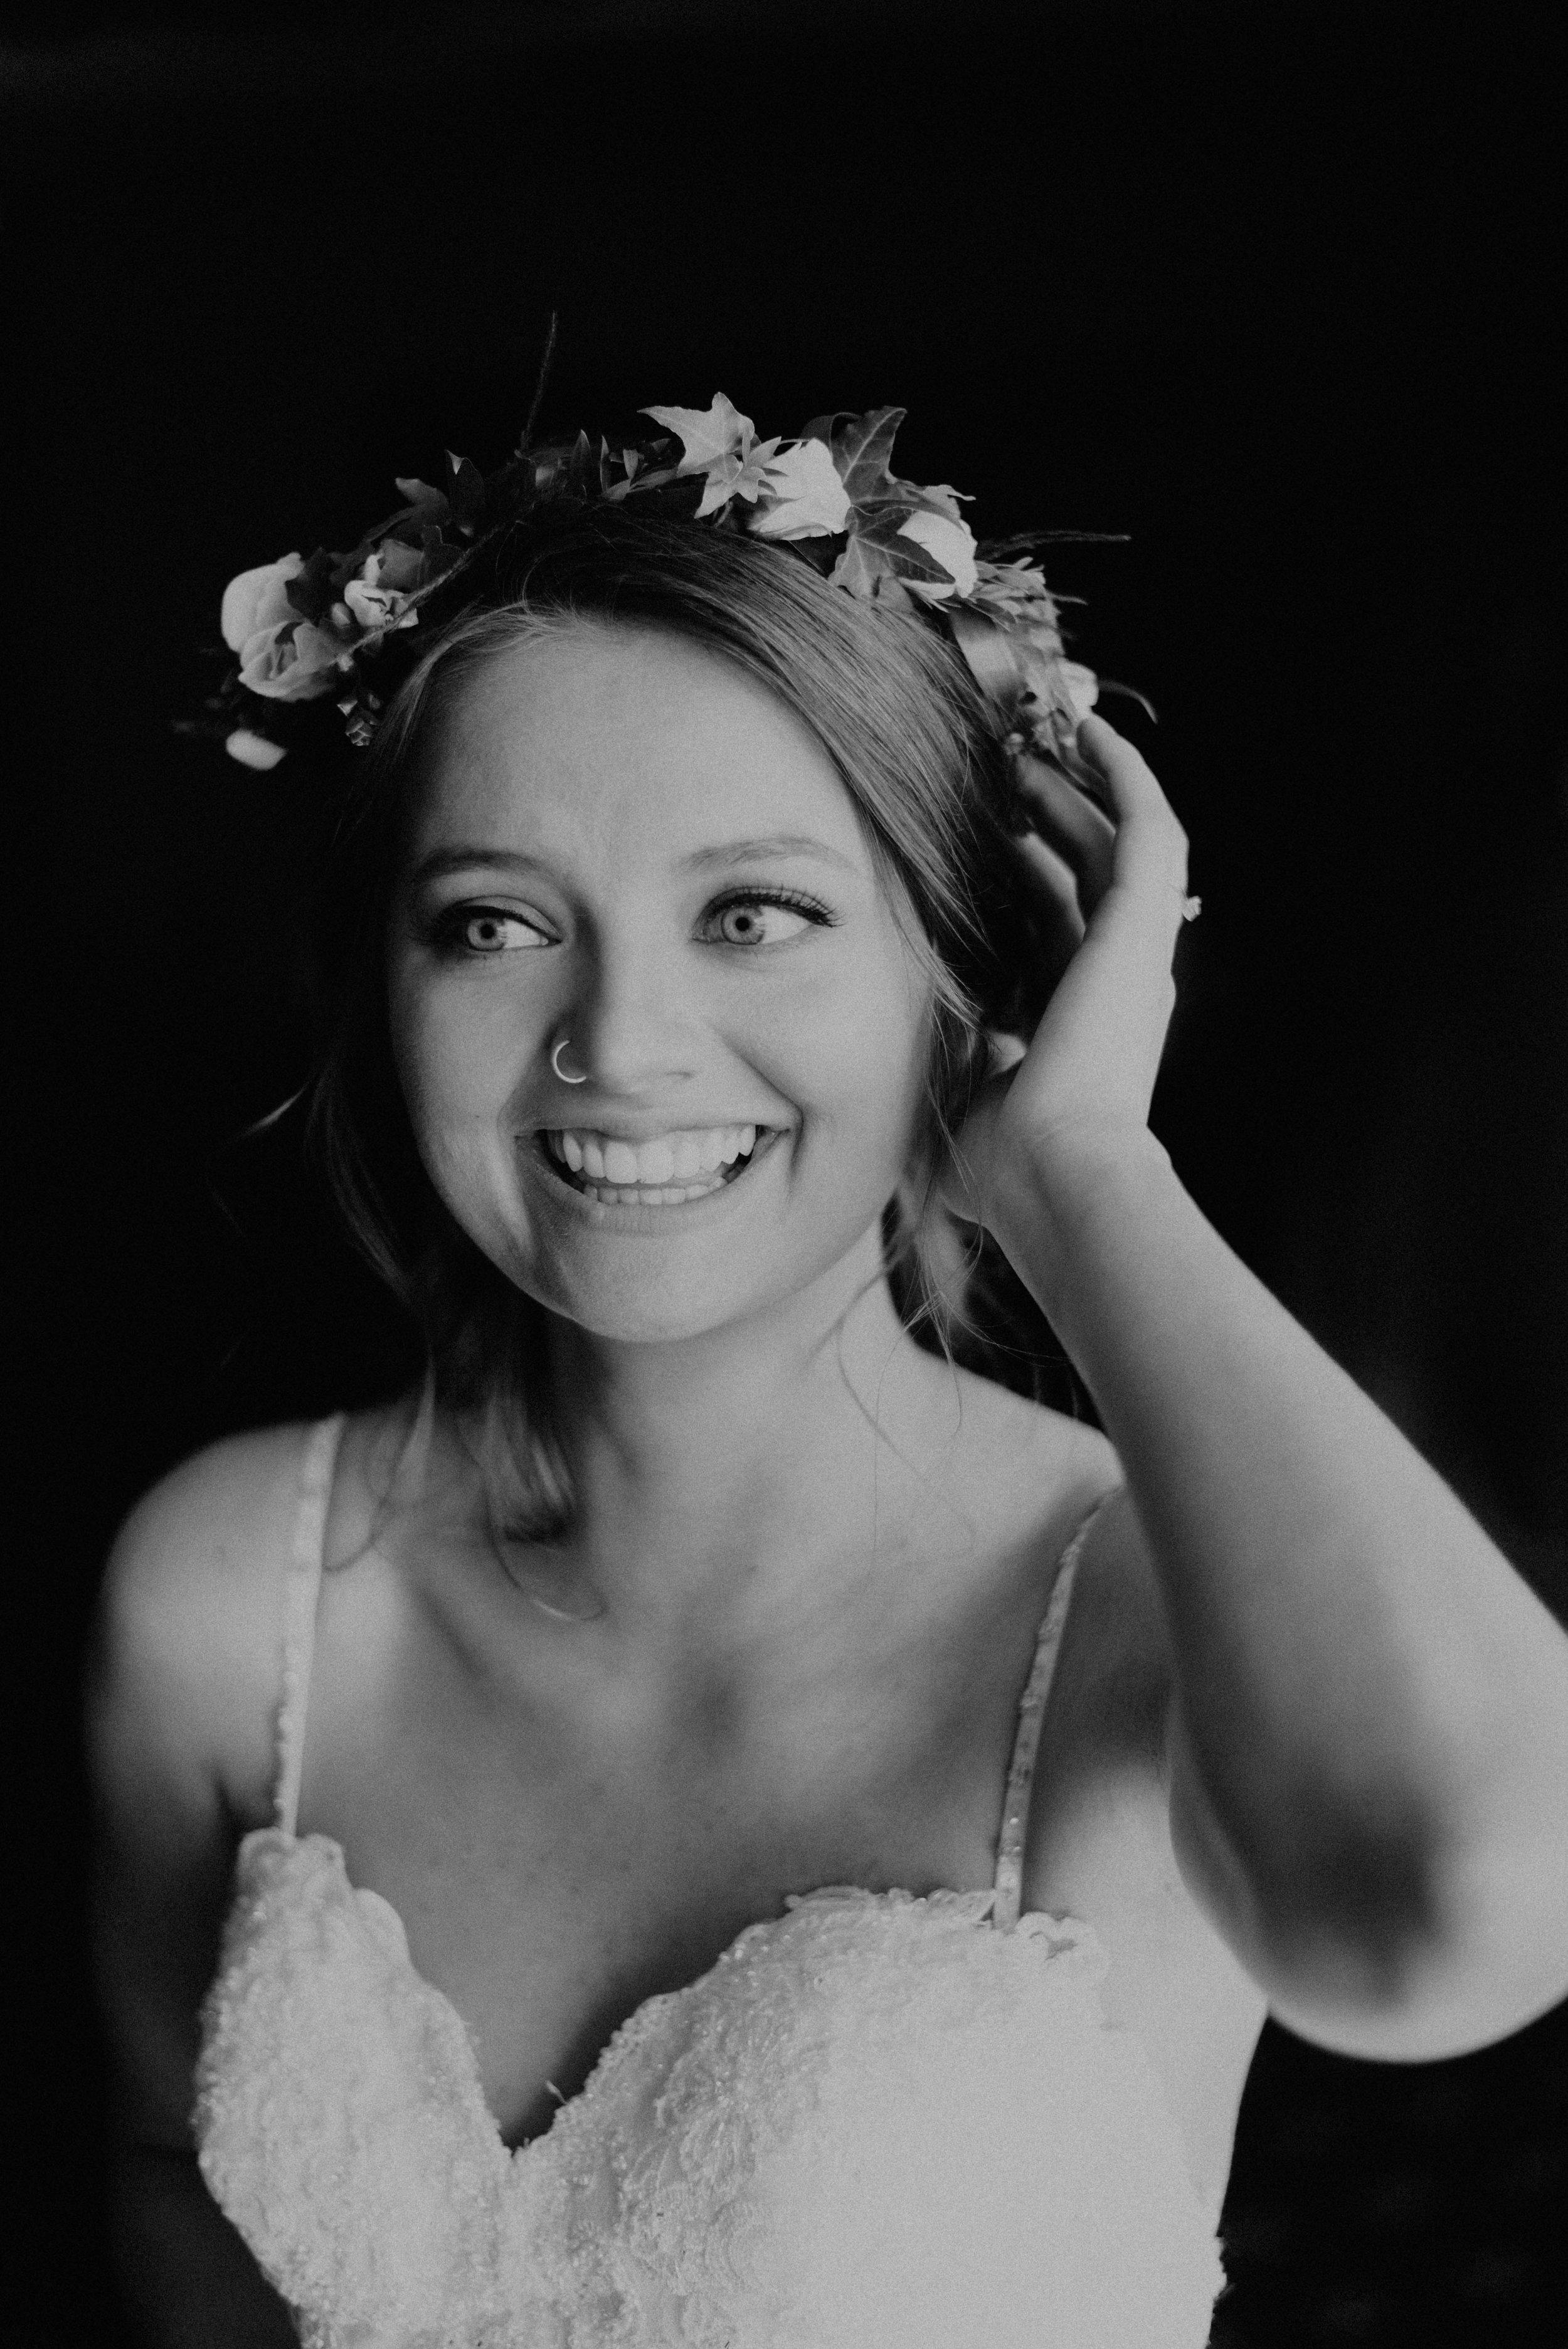 Excited bride in floral crown